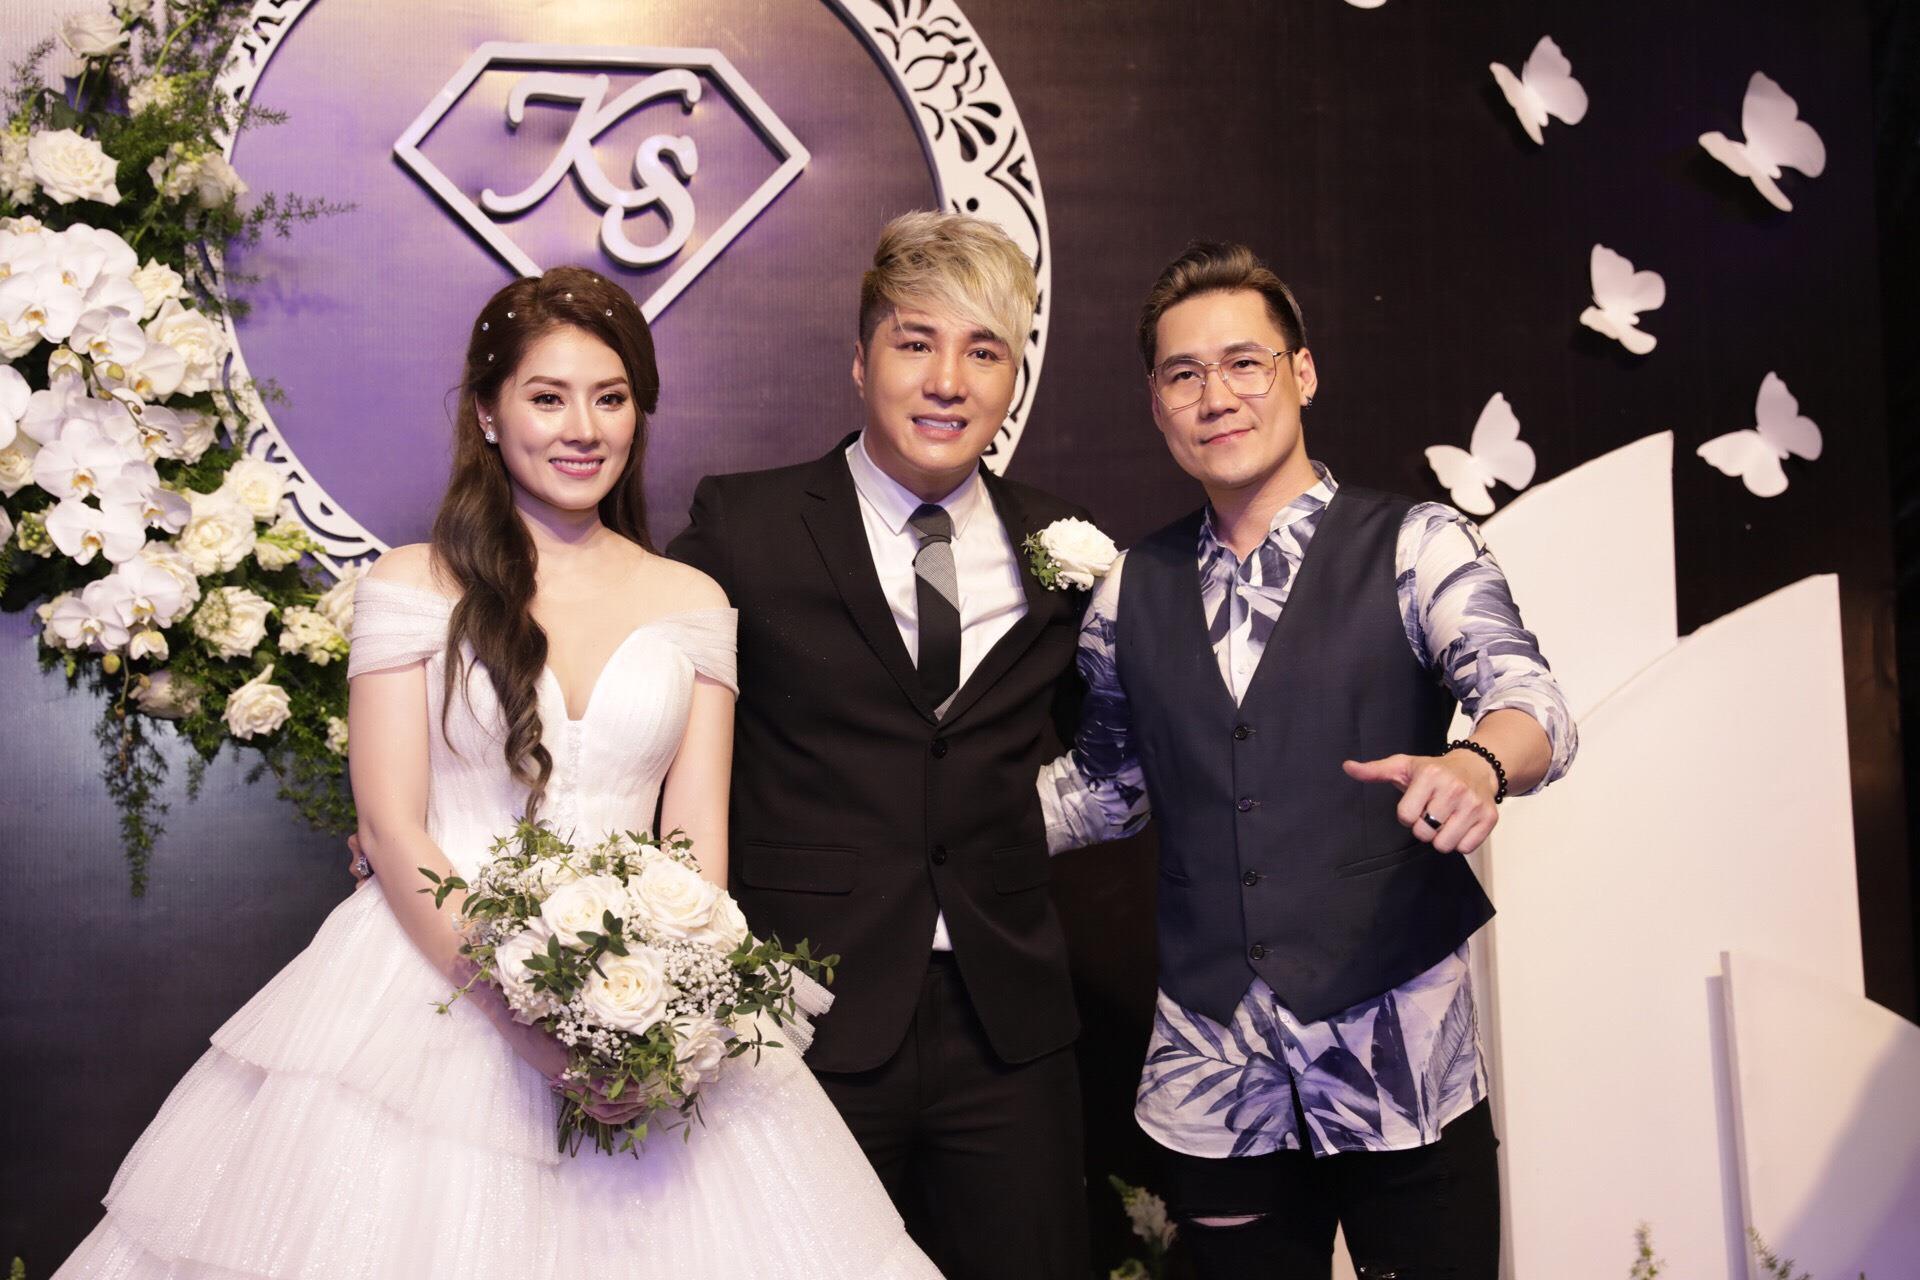 HKT, Khánh Phương dự lễ cưới ca sĩ Lâm Chấn Khang